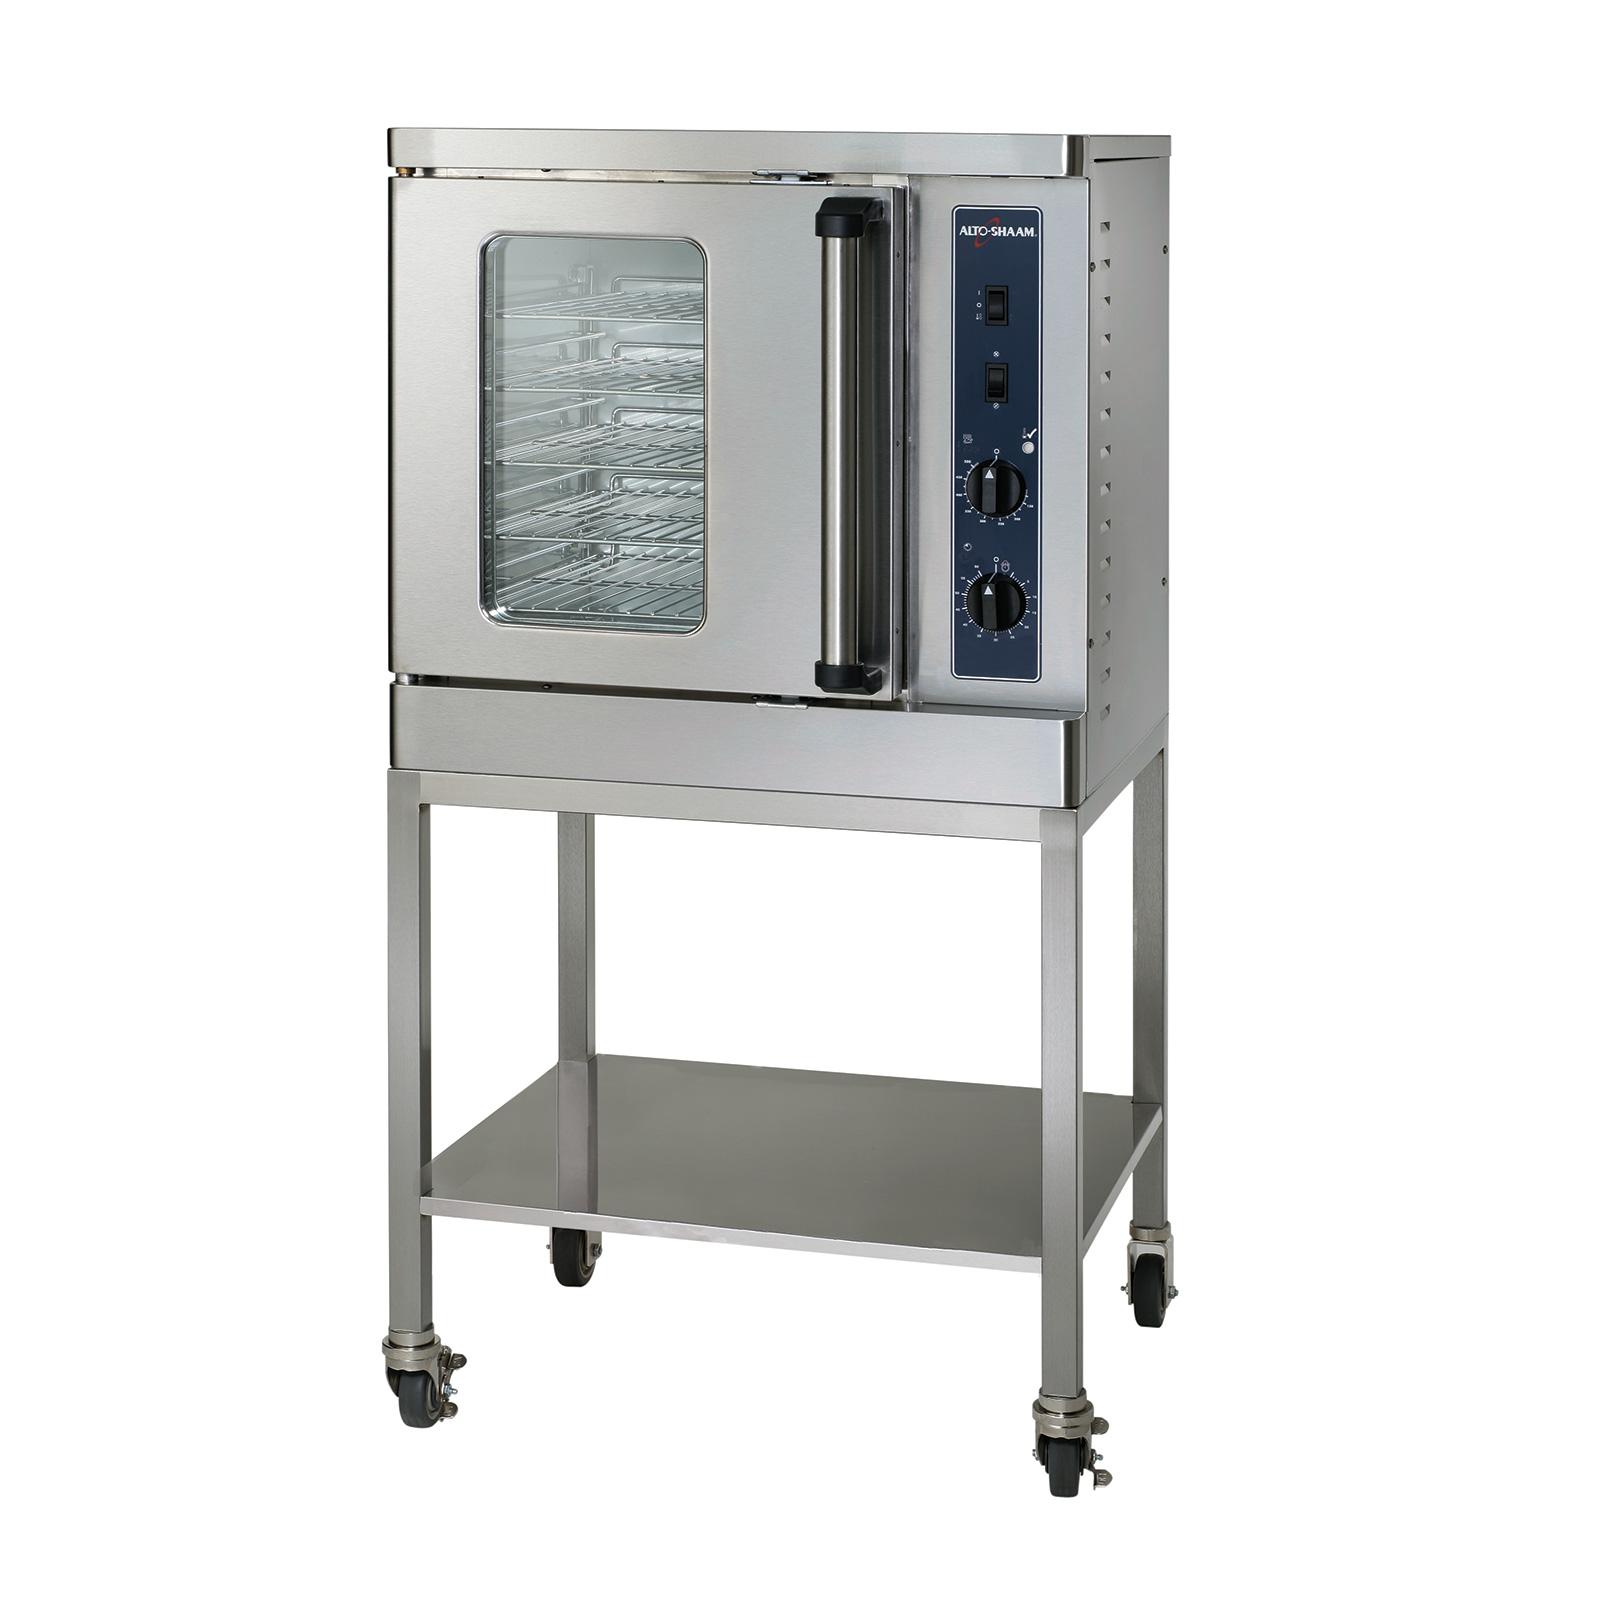 Alto-Shaam ASC-2E/E convection oven, electric